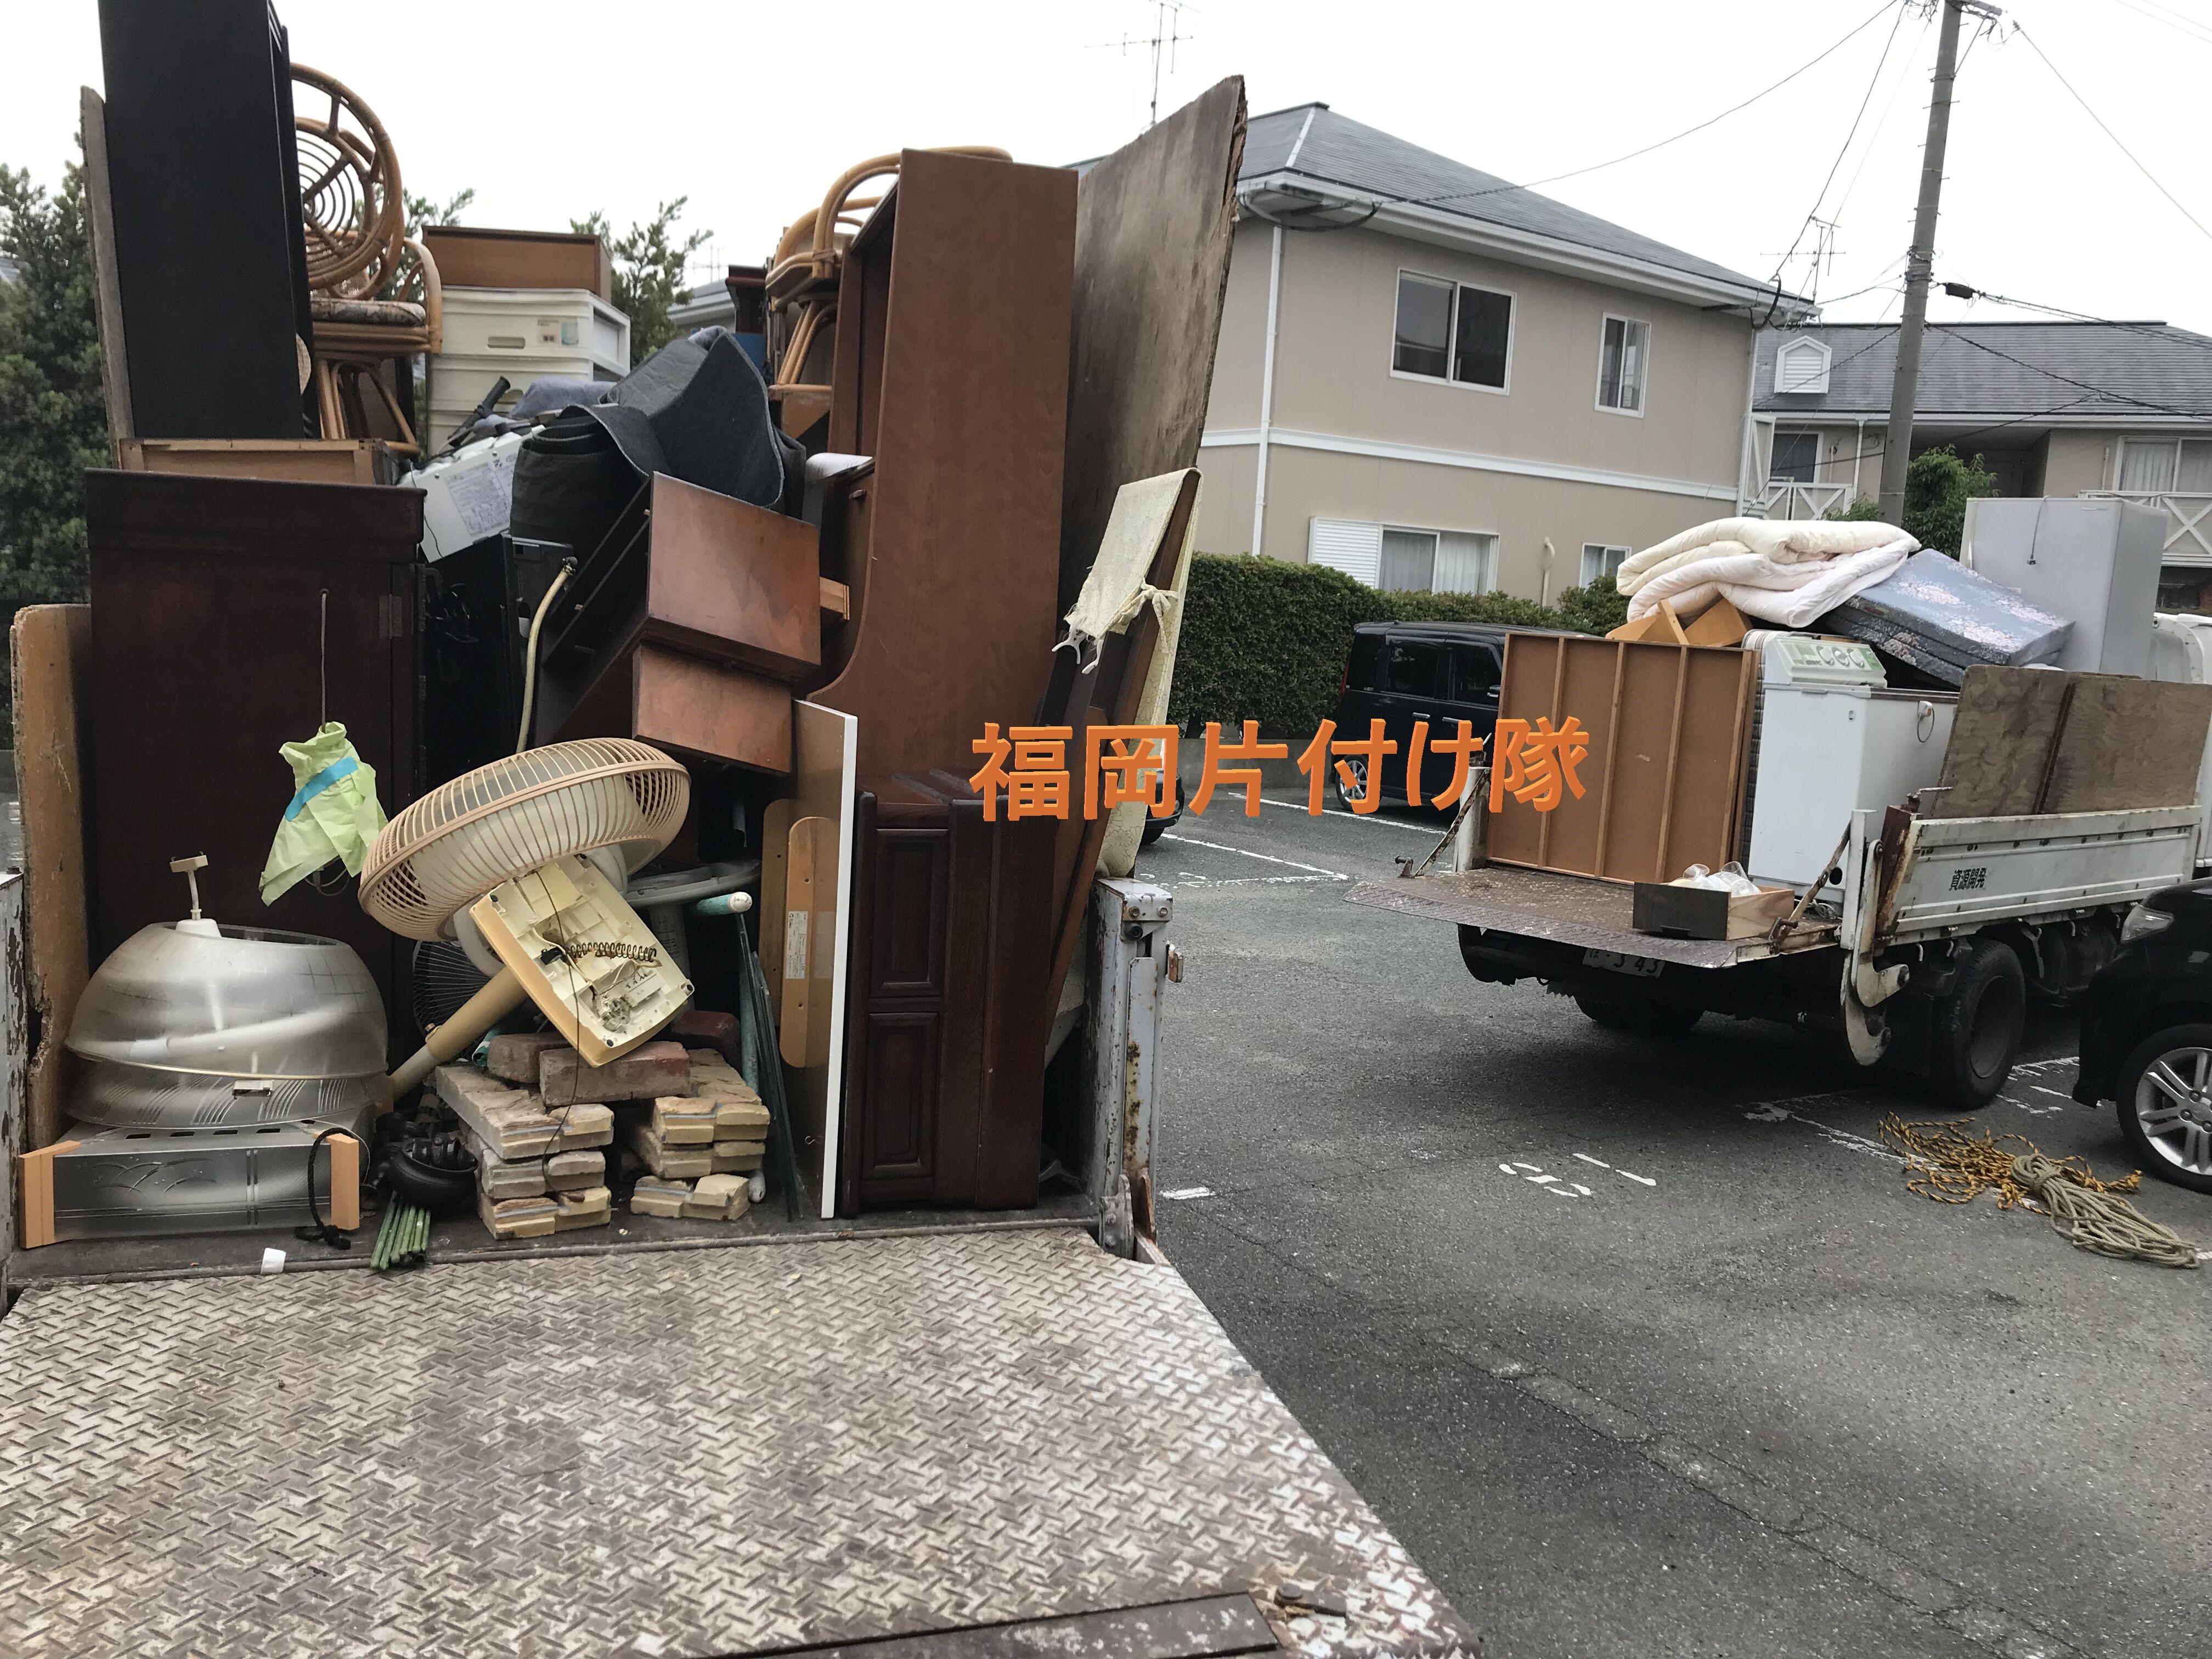 福岡県福岡市博多区千代で不用品回収と引越しゴミ回収作業後写真